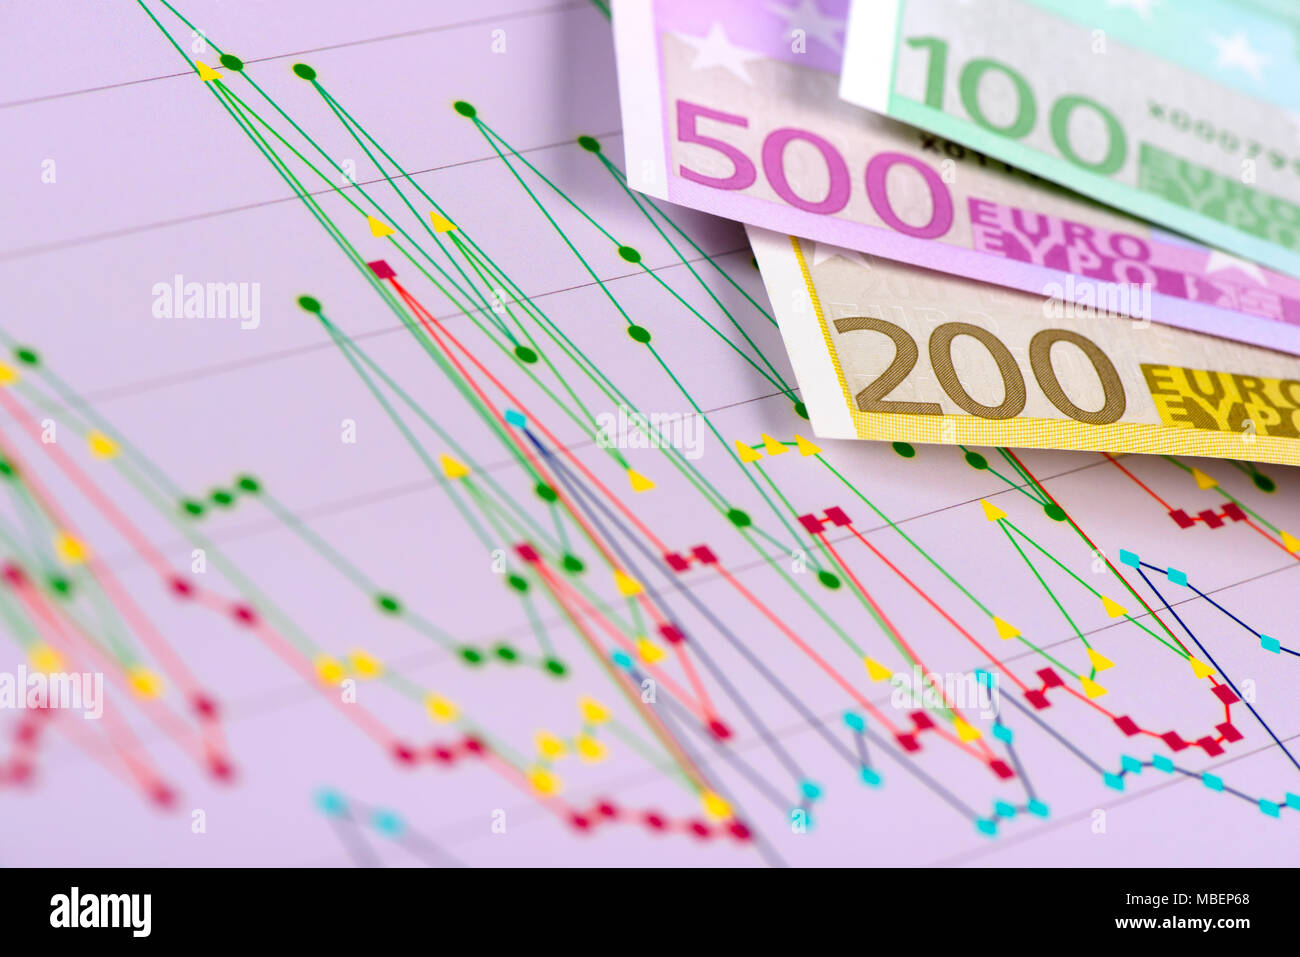 Banknoten der Europäischen Währung Festlegung auf Diagramm der Börse Stockbild